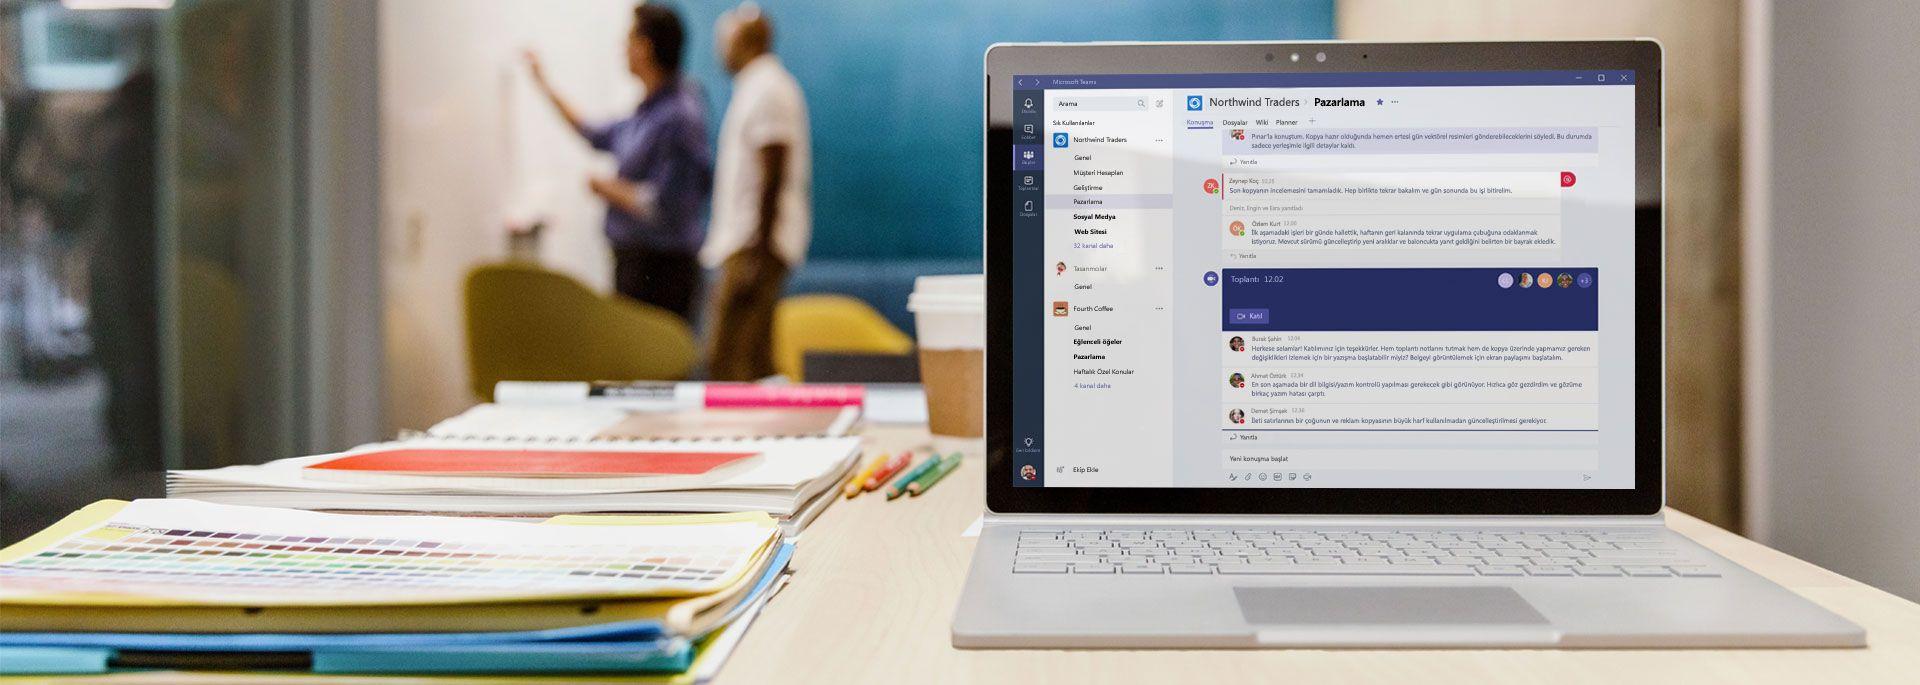 Microsoft Teams'de Ein Tablet mit einer Unterhaltung